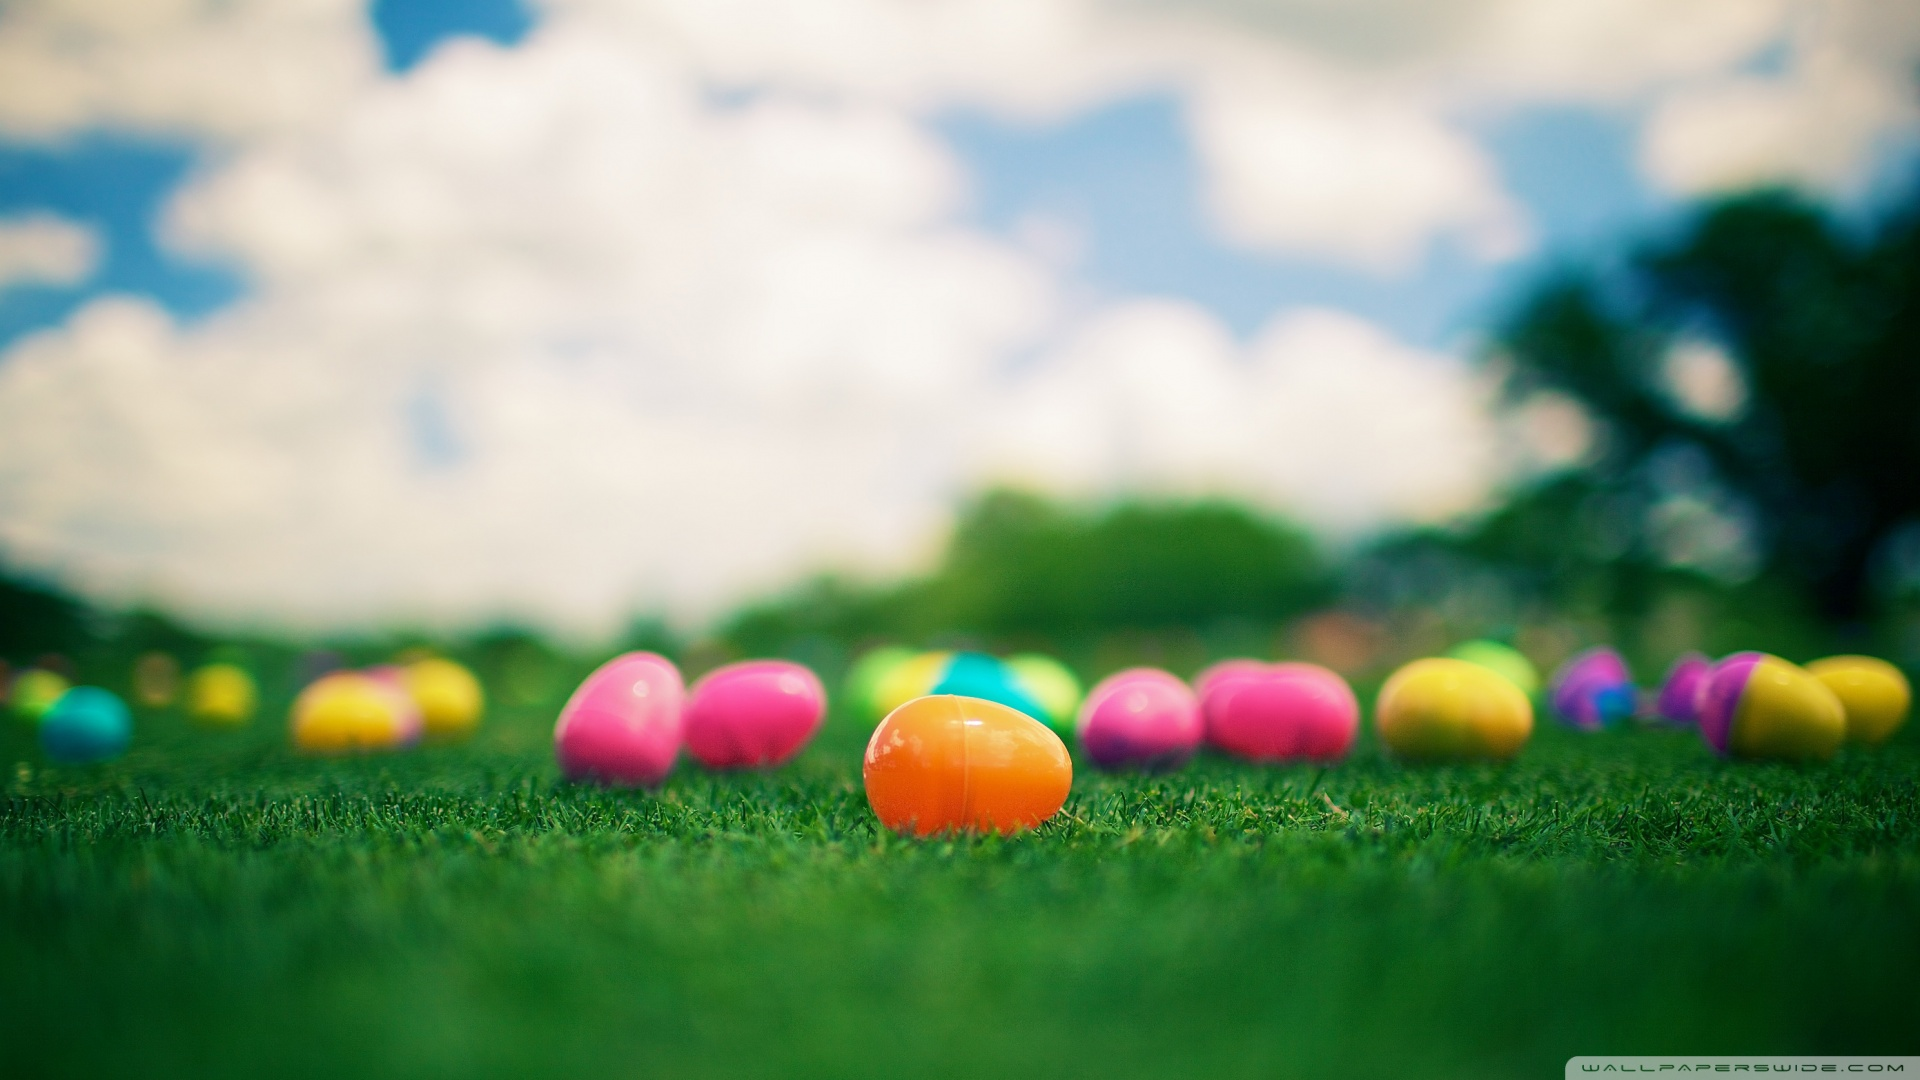 Download Easter Eggs 4 Wallpaper 1920x1080 Wallpoper 450960 1920x1080